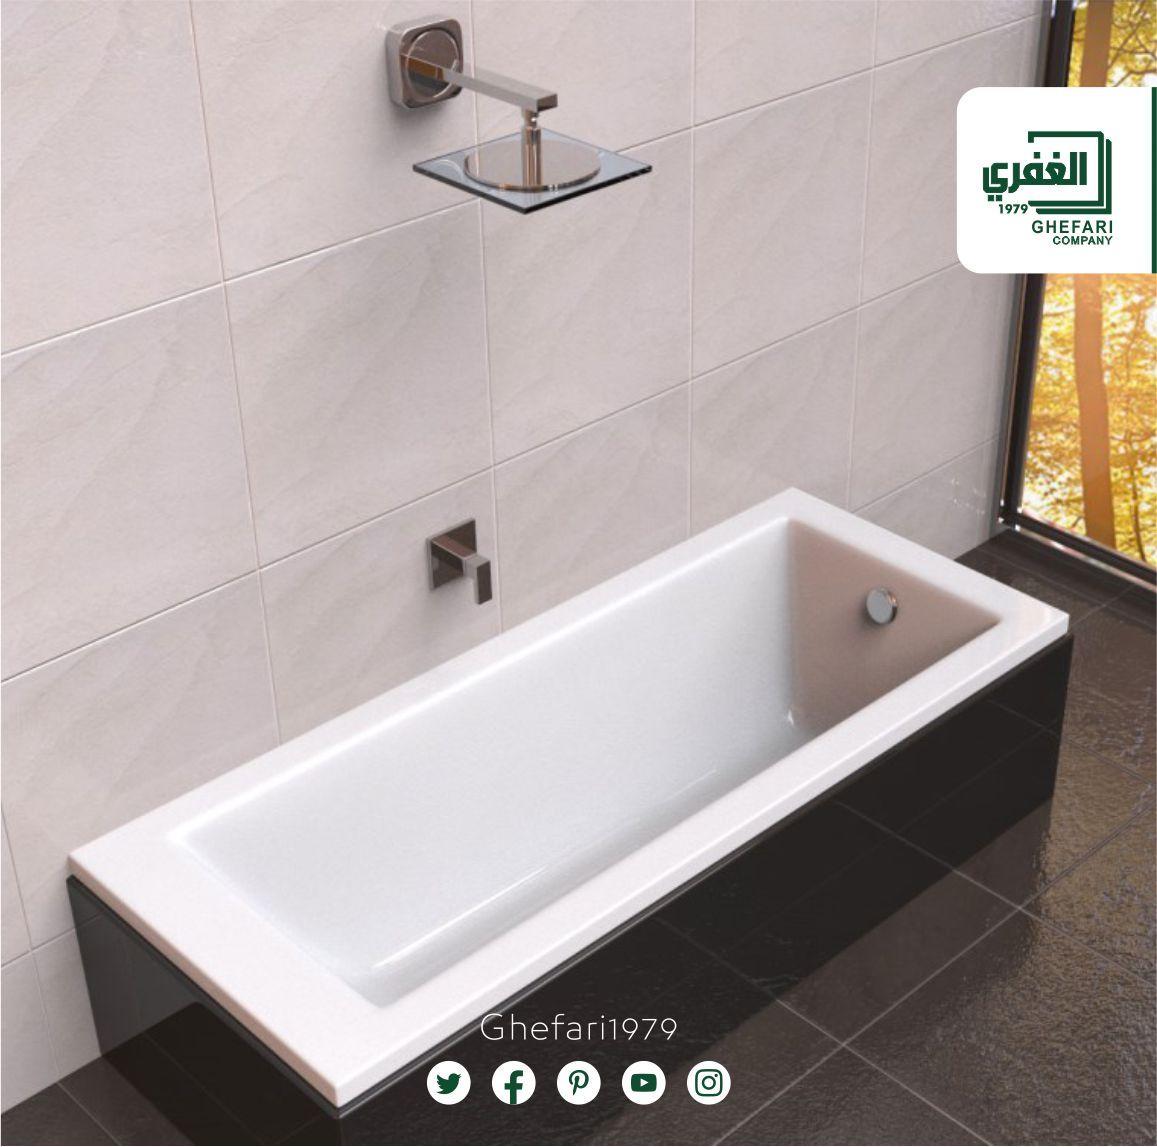 بانيو 160x70 تركي بانيو 180x80 تركي للمزيد زورونا على موقع الشركة Www Ghefari Com الرقم المجاني 1700 25 26 27 ا Bathroom Closet Designs Bathroom Vanity